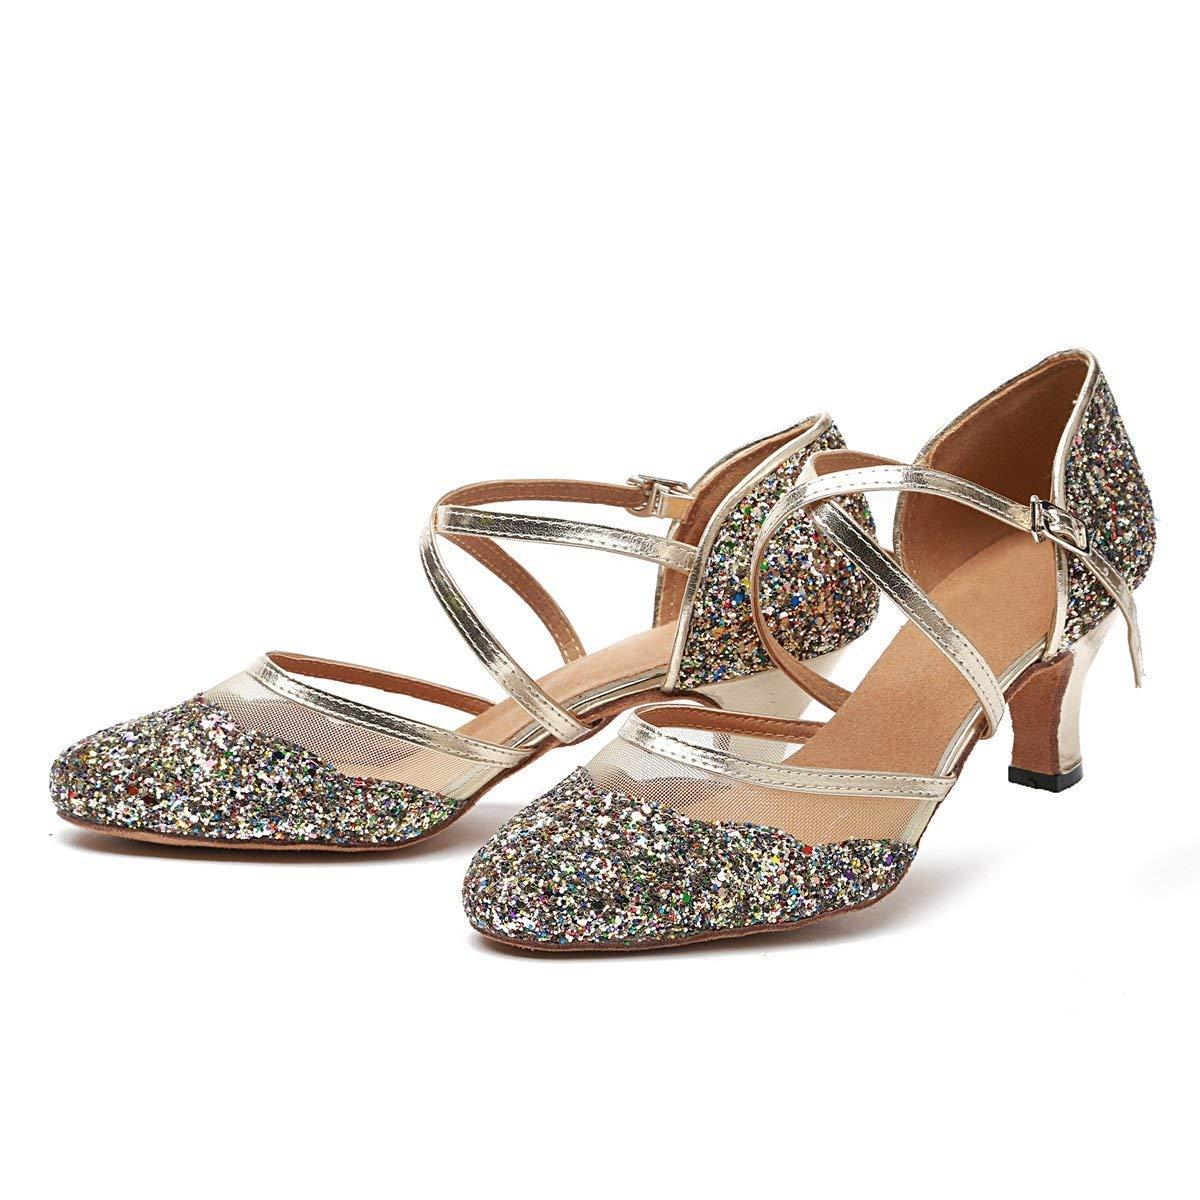 Frauen Closed Toe Gold Gold Gold Glitter Latin Dance Schuhe Hochzeit Pumps UK 5 (Farbe   -, Größe   -) 8489a1